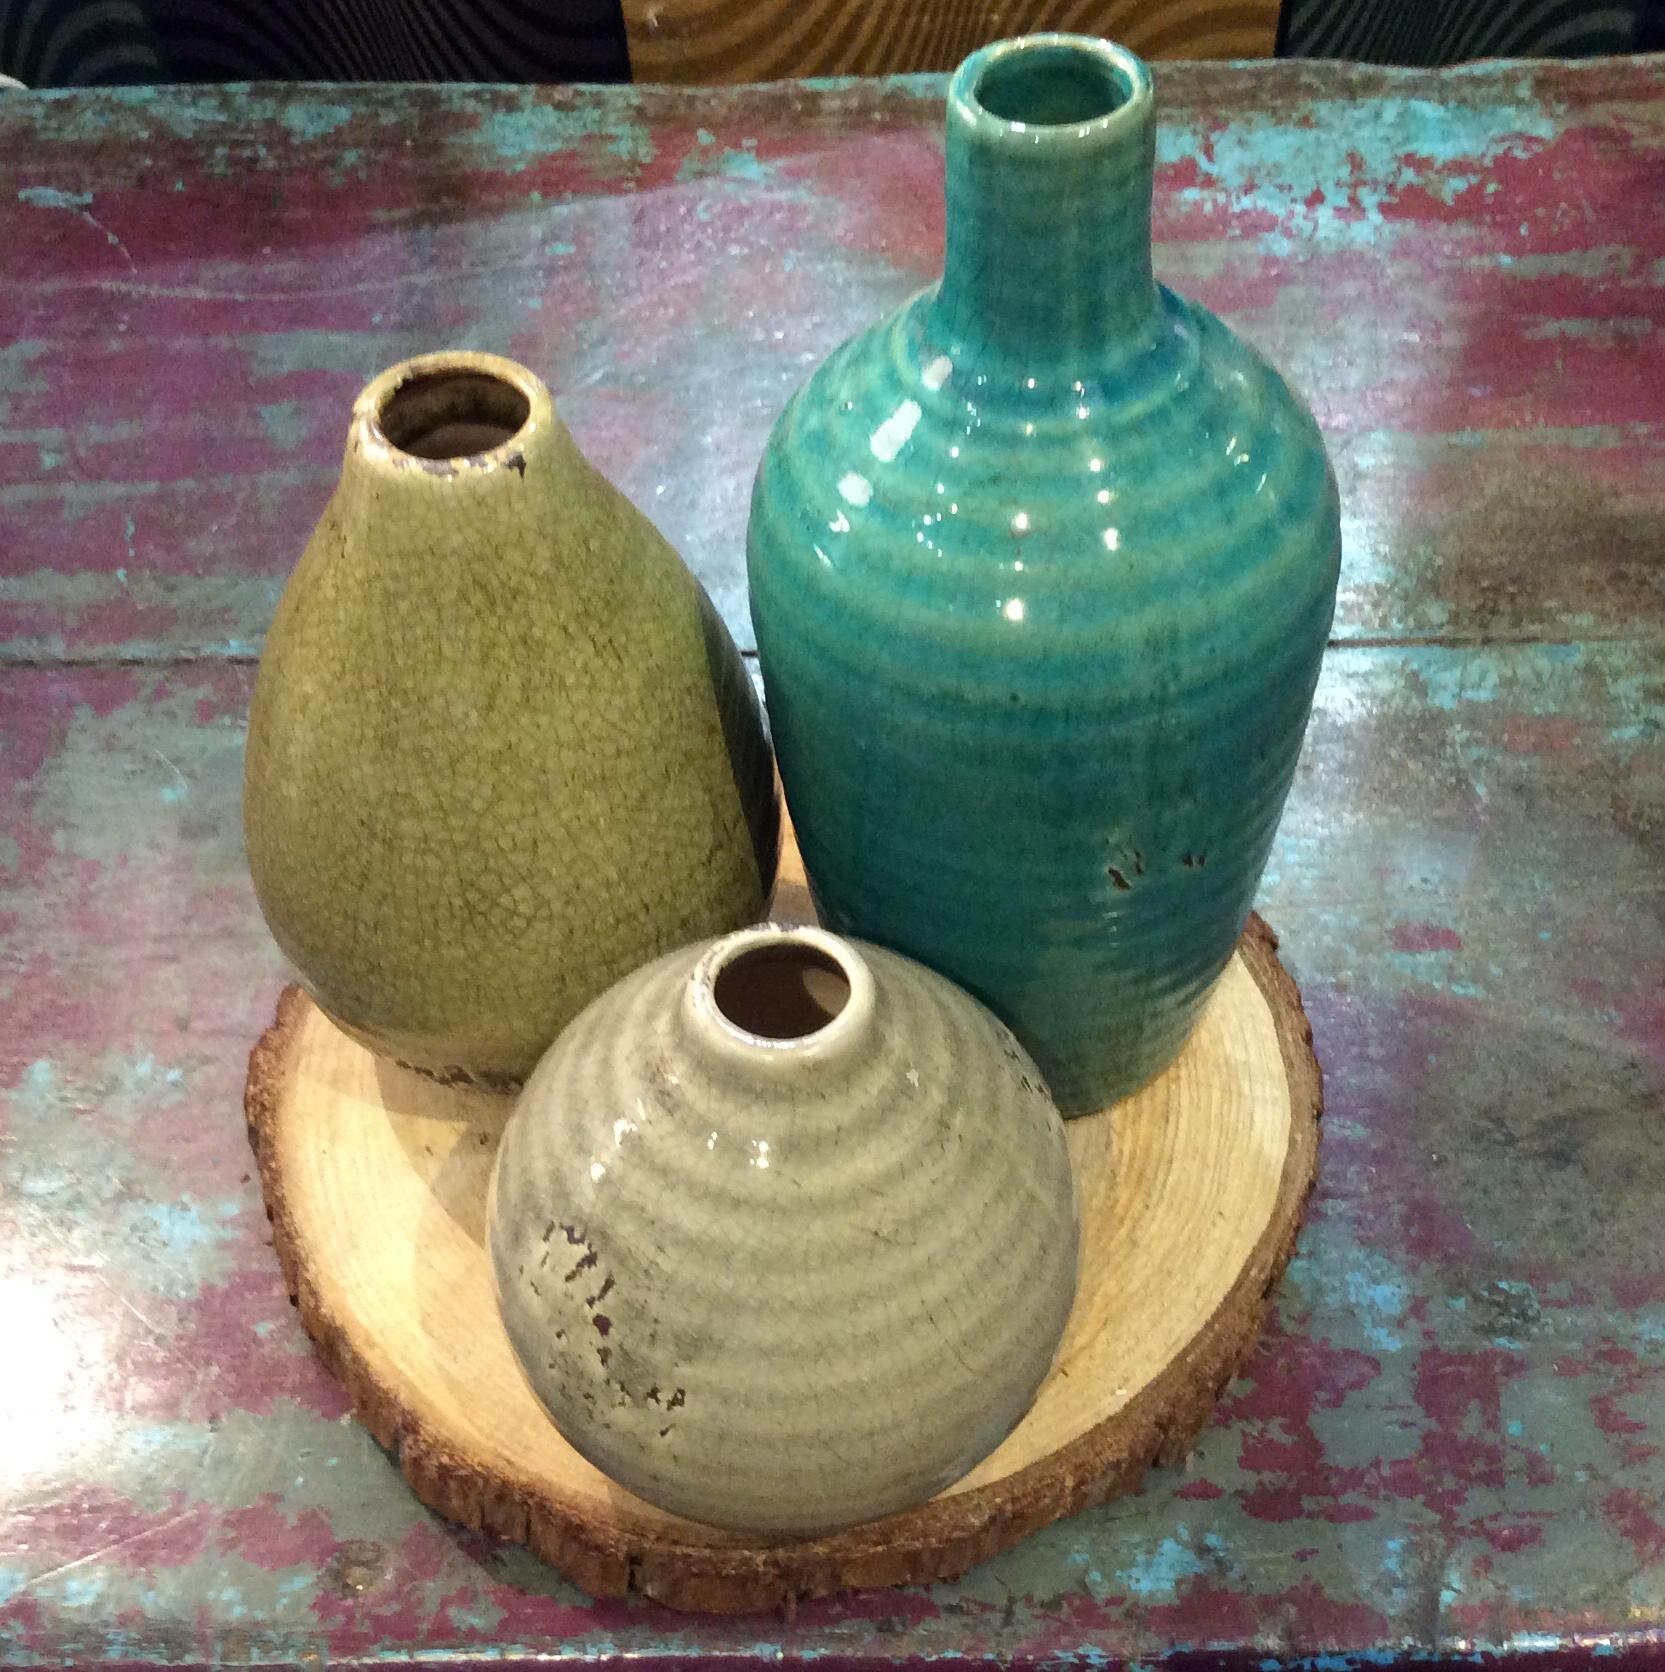 3 Ceramic Vase On Wood